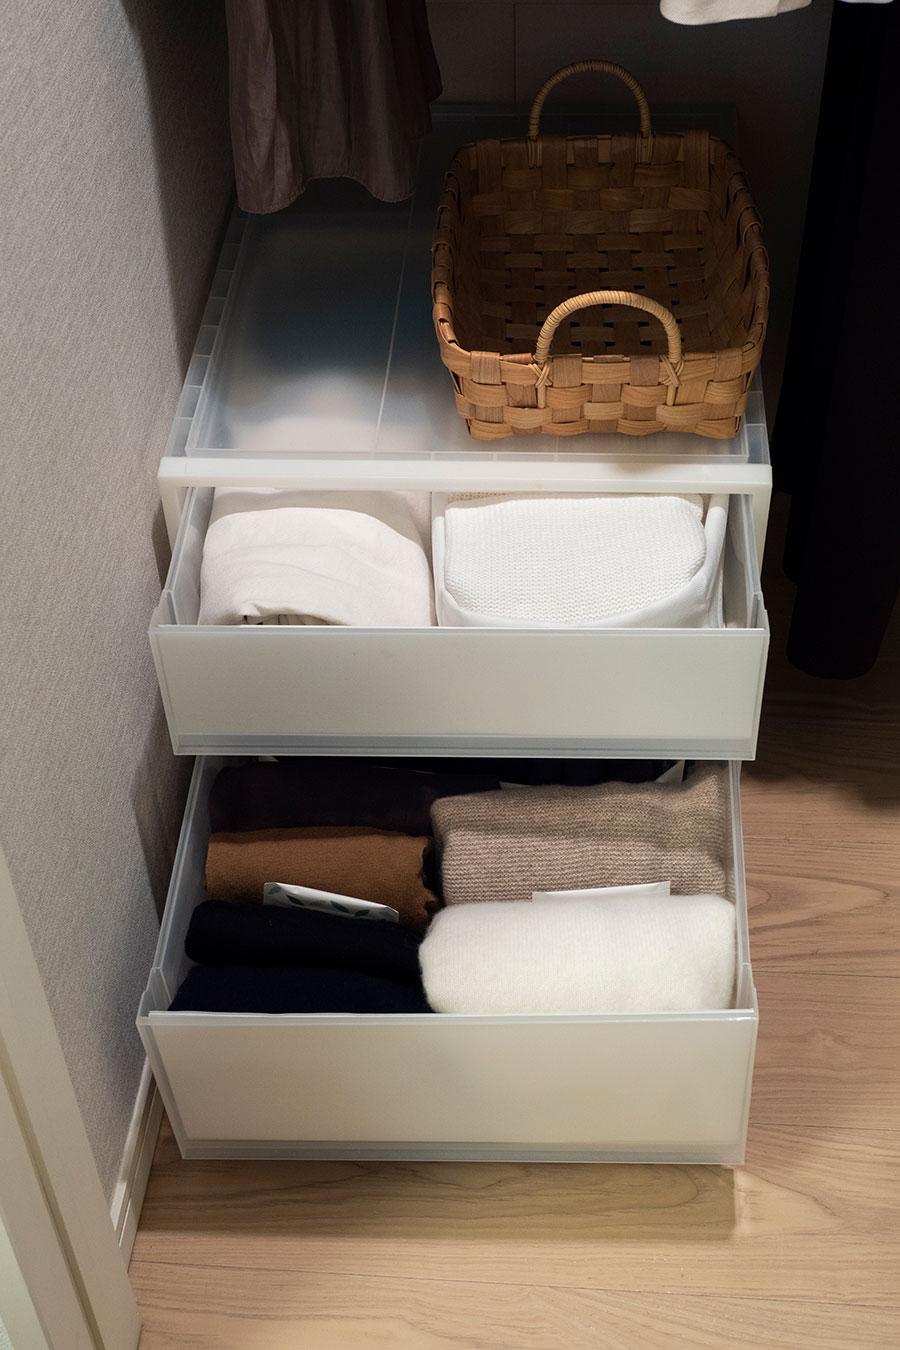 床上のカラーボックスにはニット類を。重ねずに収納することでひと目で判別しやすくしている。「服の数を絞っているので、着るものを選ぶとき迷うこともありません」。